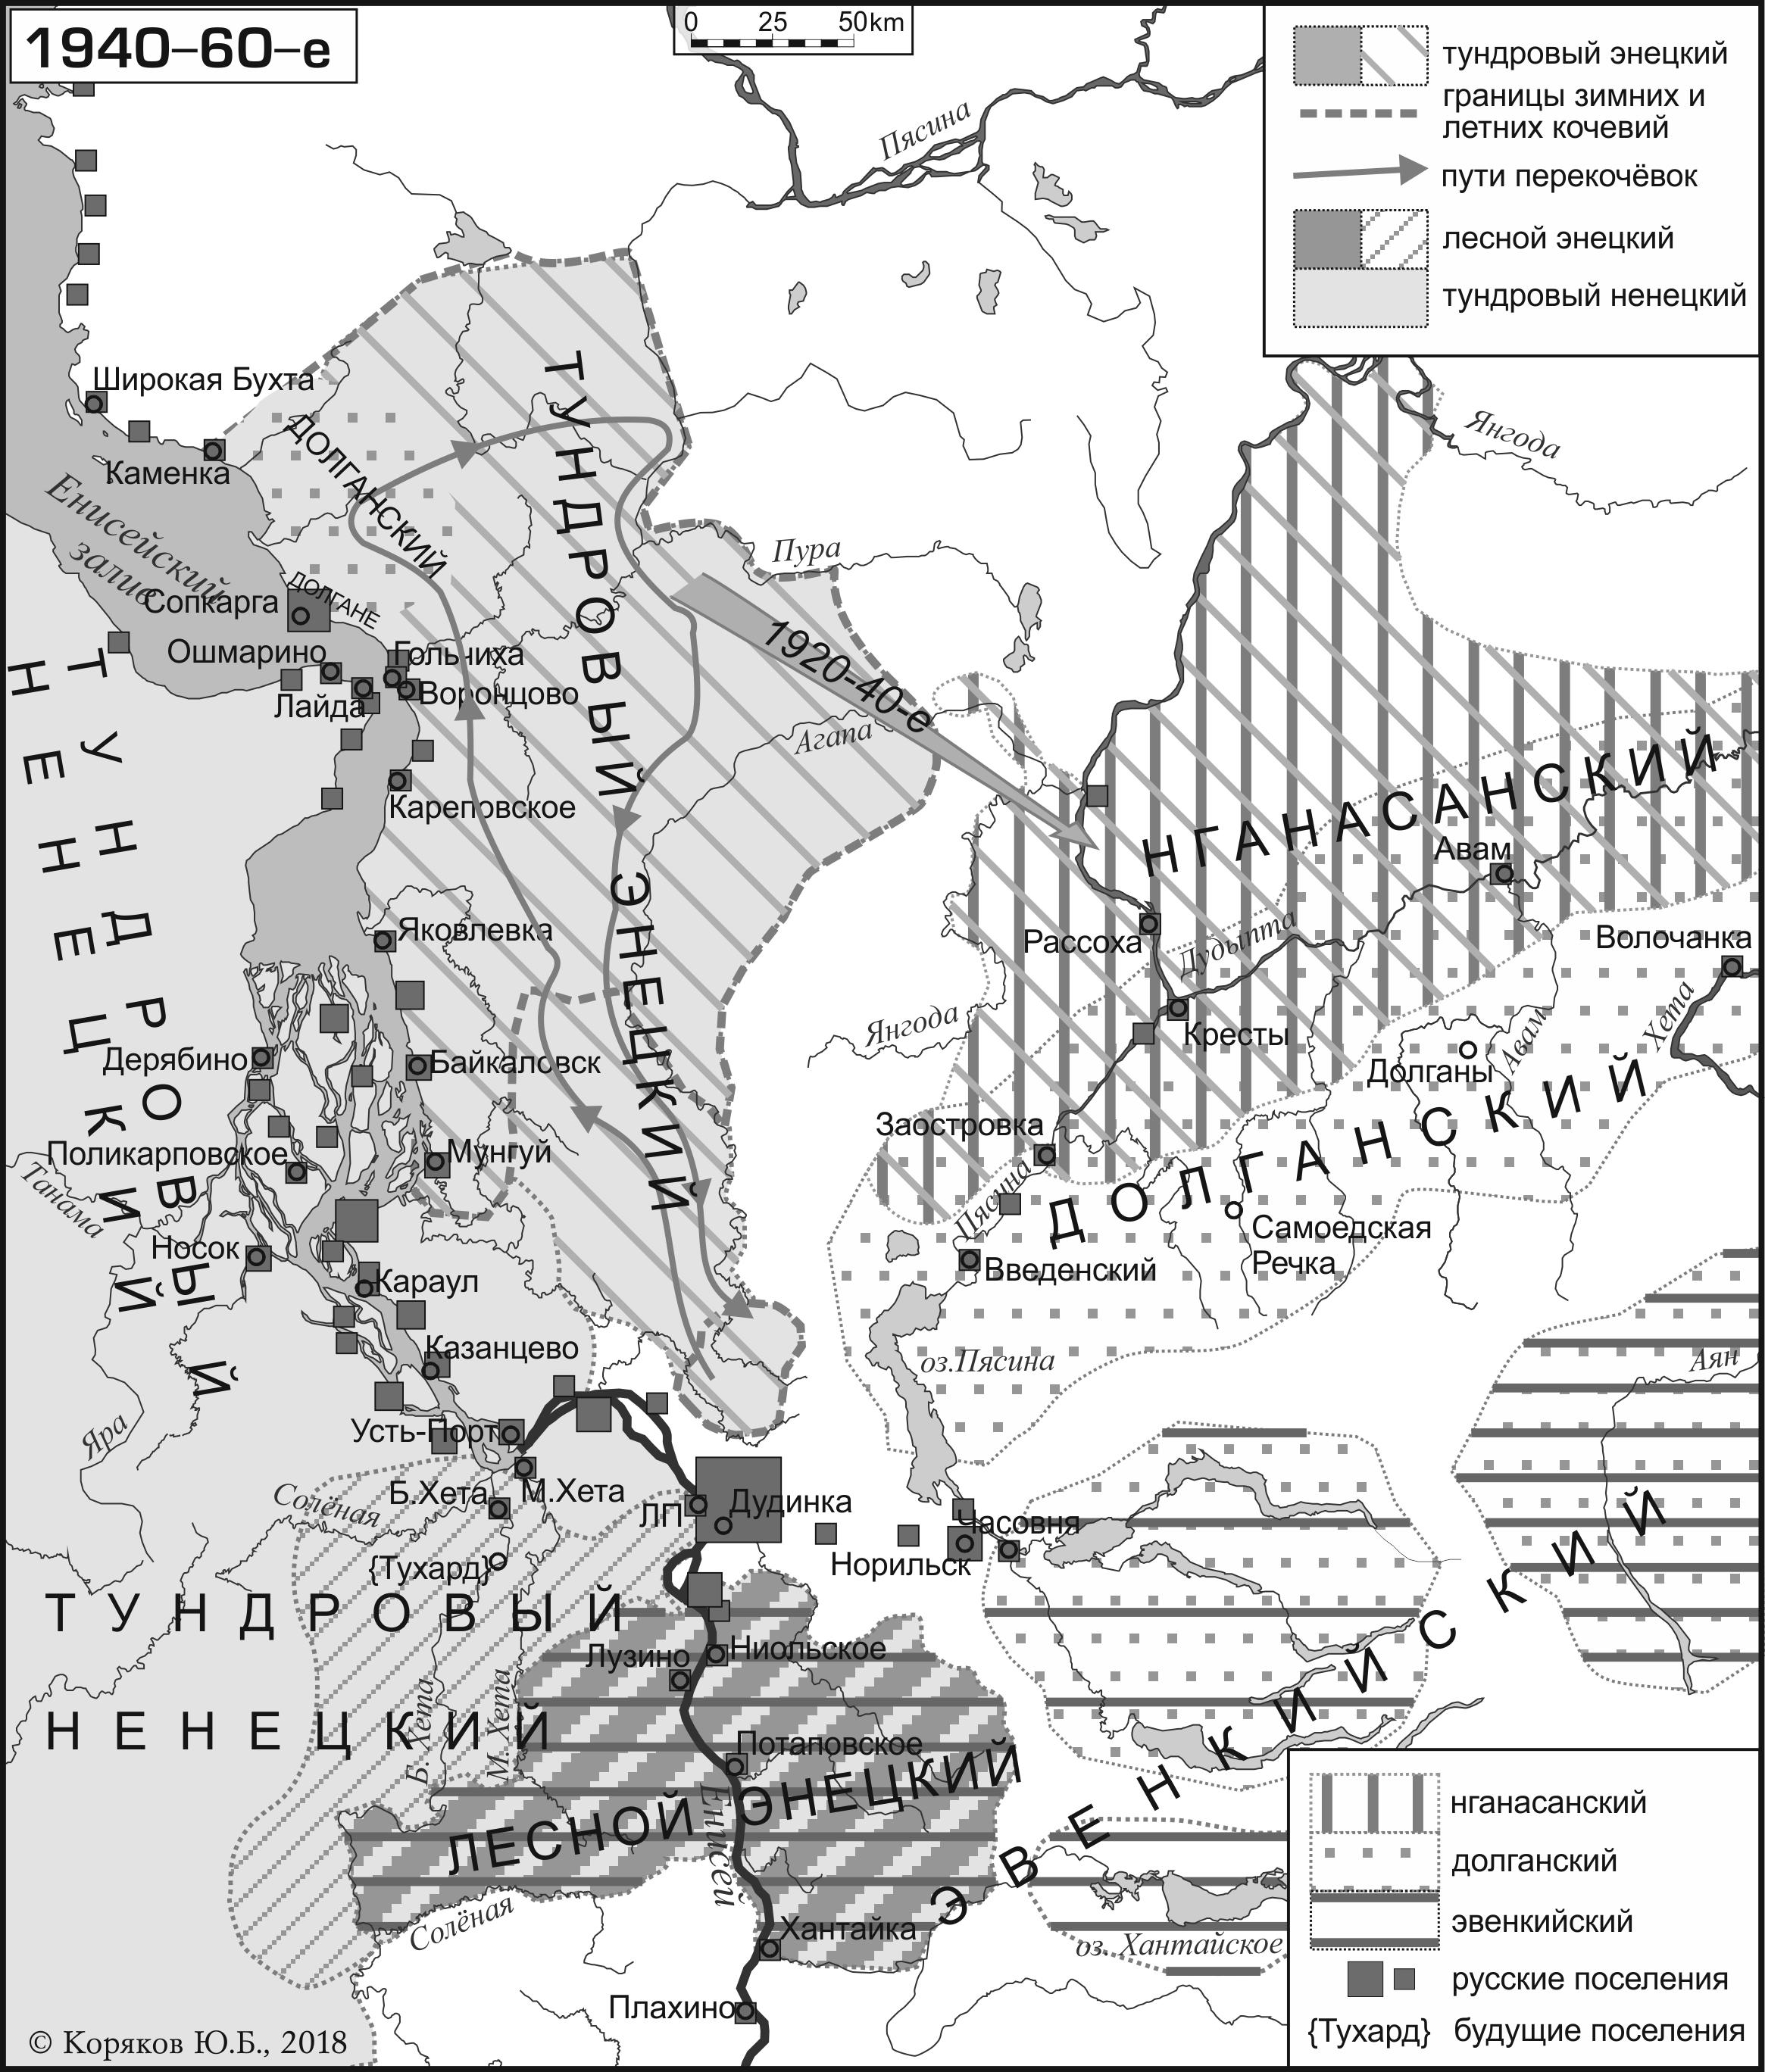 Языки Западного Таймыра (1940–60-е); авторы Ю.Б.Коряков, О.В.Ханина